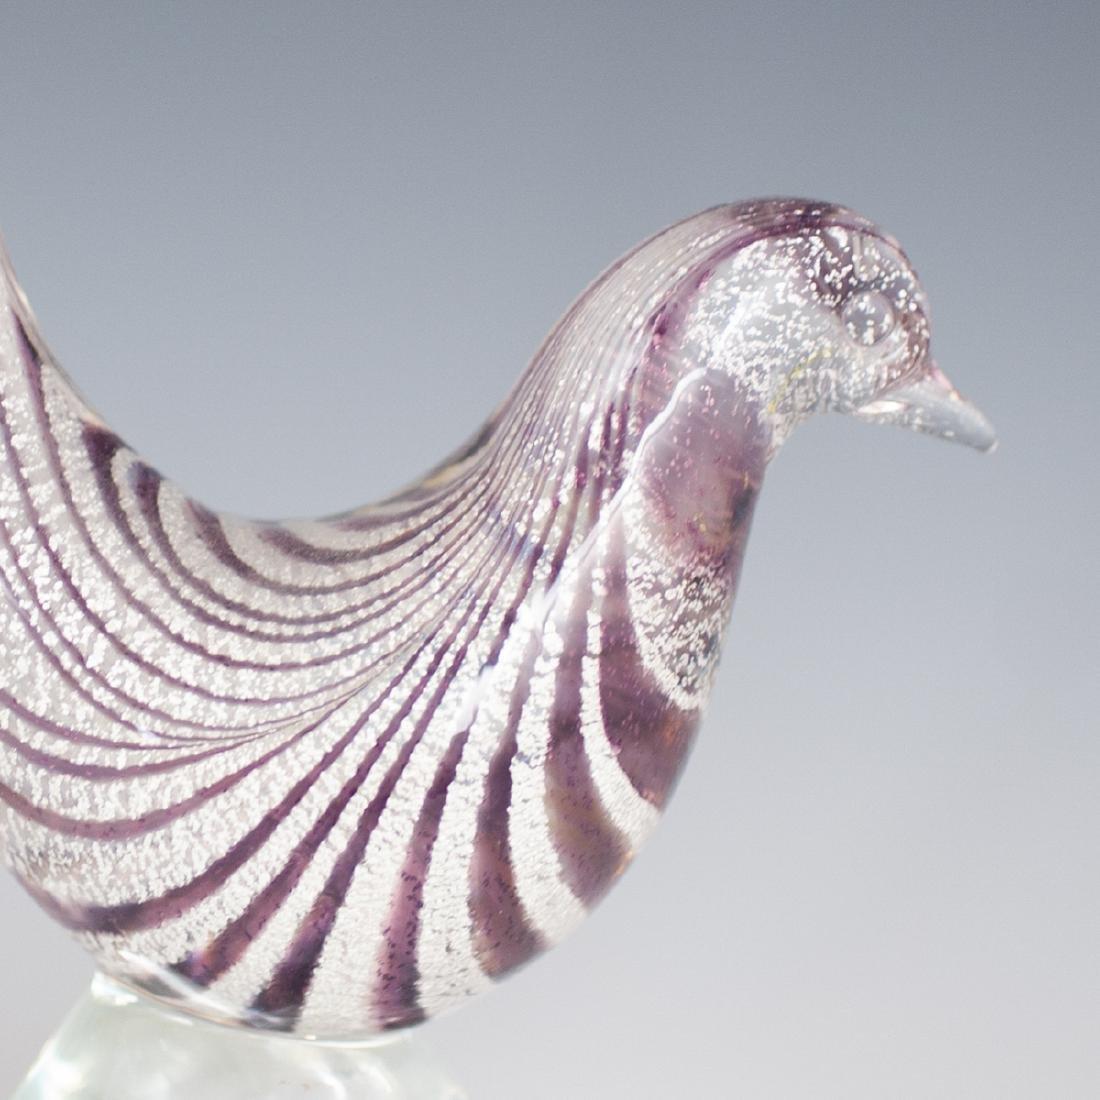 Murano Glass Birds - 2